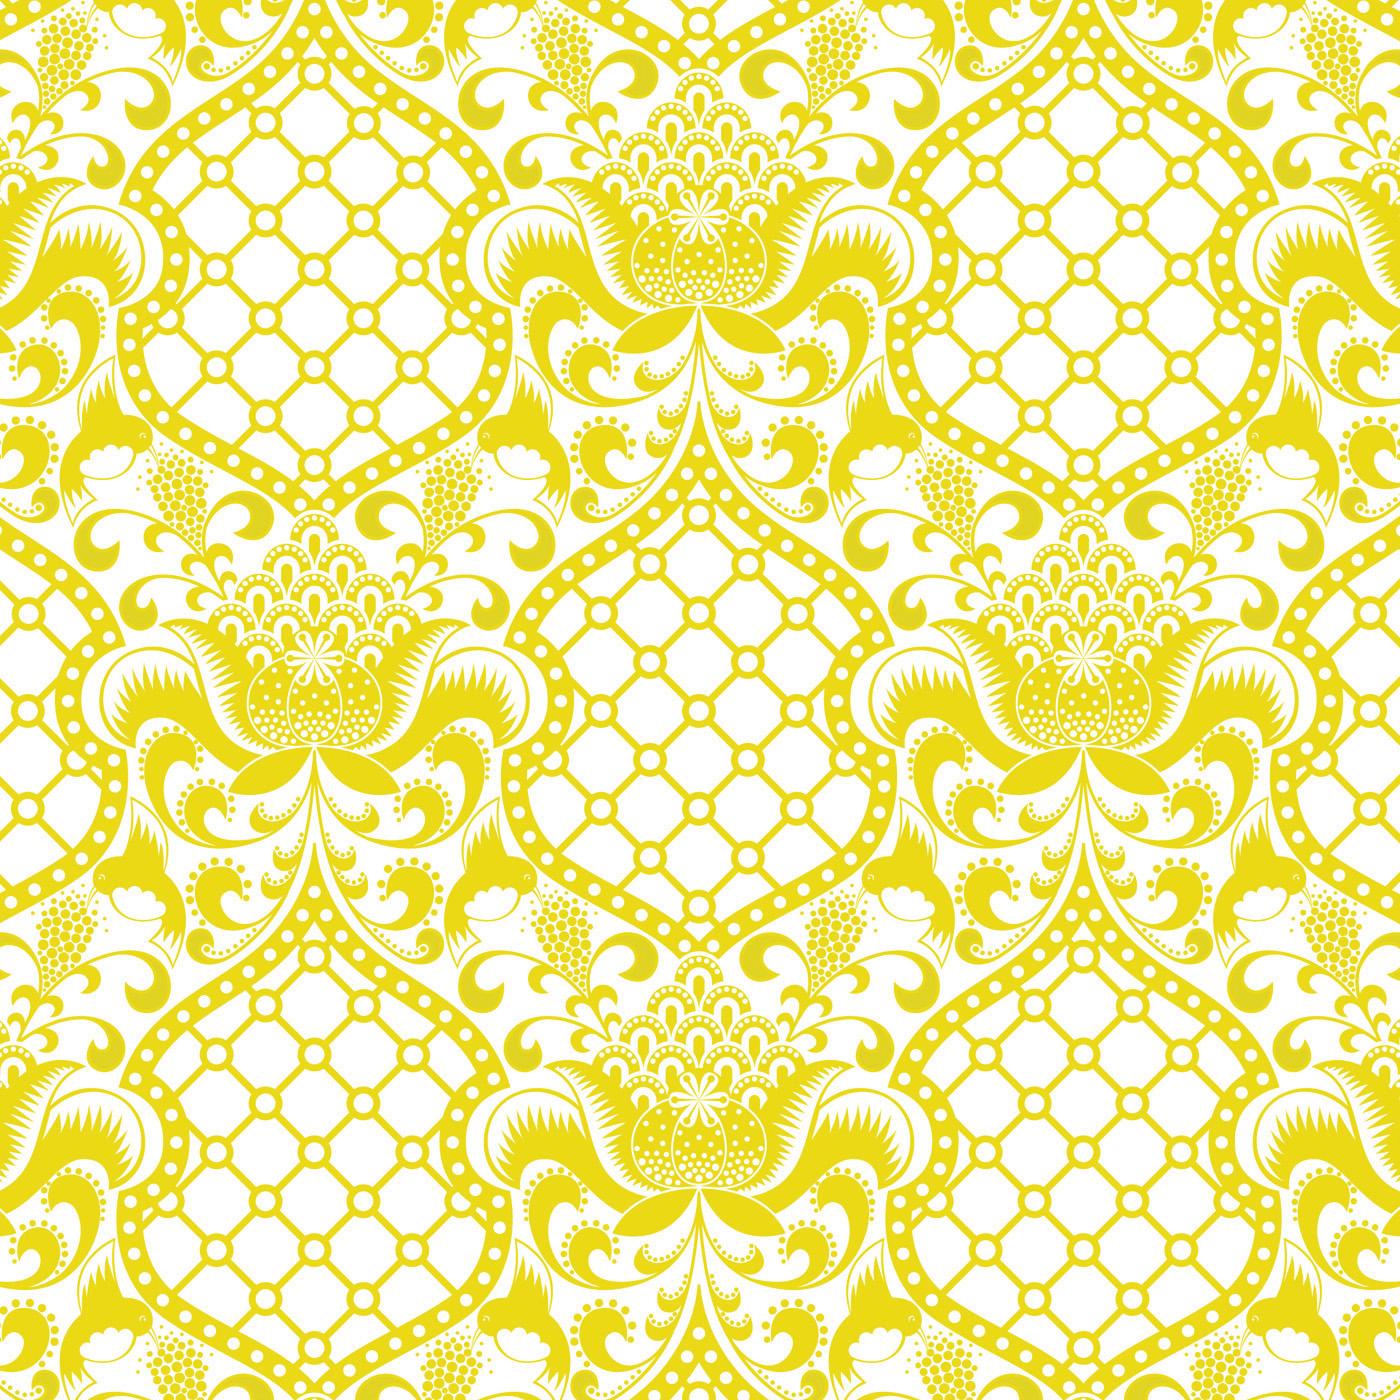 Yellow Wallpaper Designs - WallpaperSafari